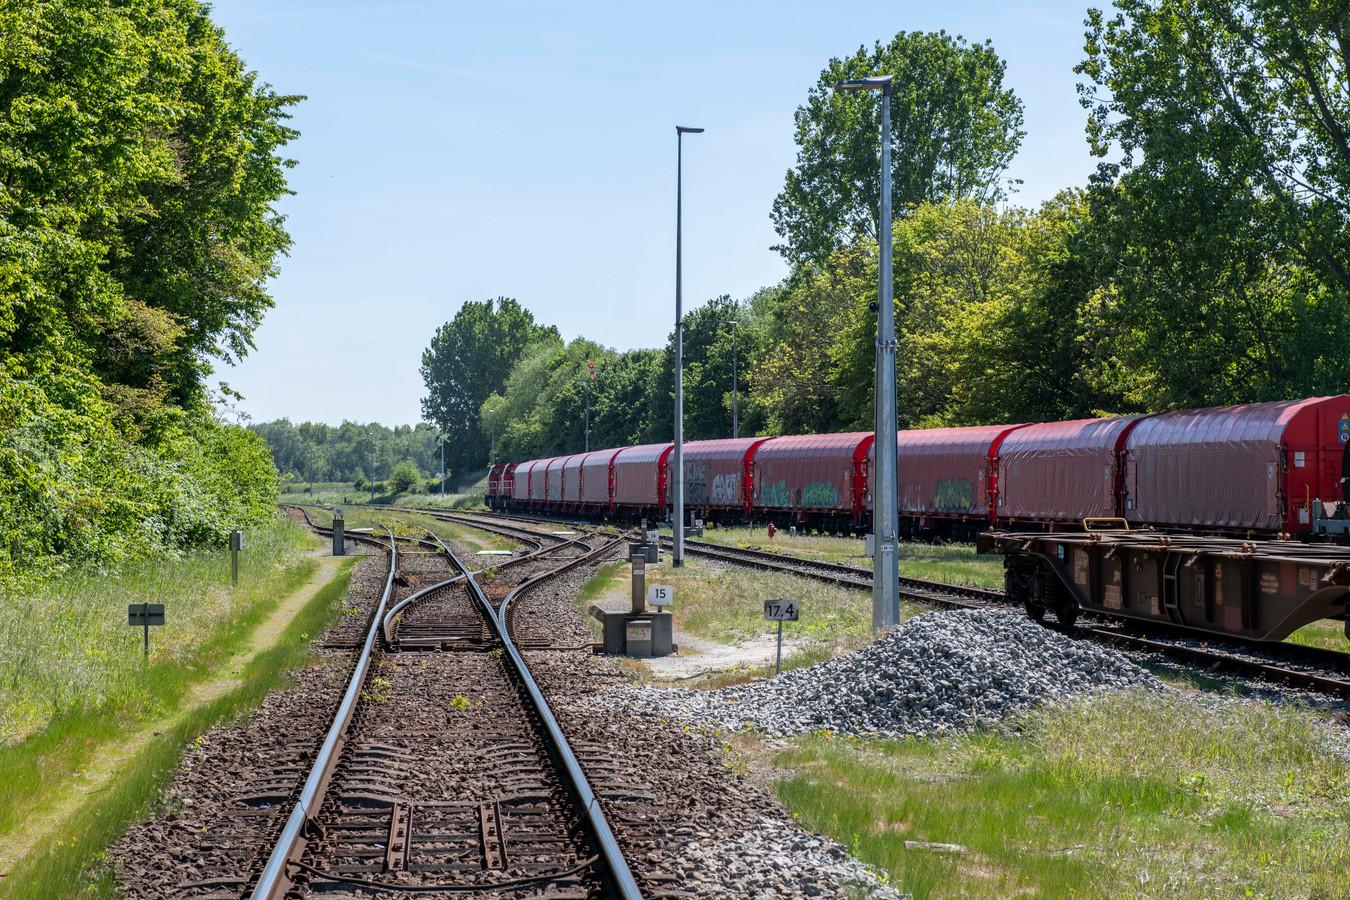 Spoorwegemplacement in Sas van Gent.